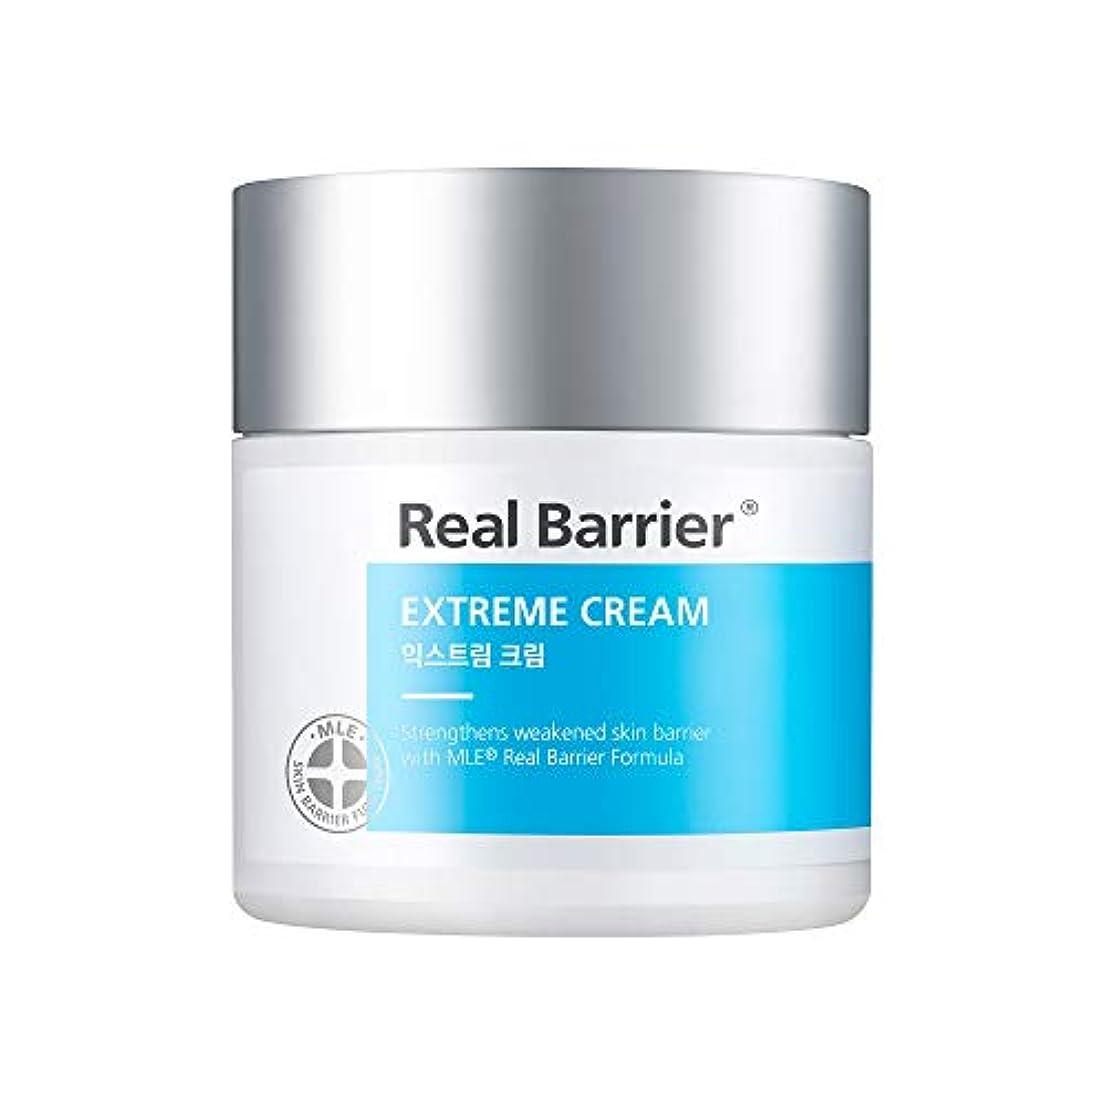 実現可能椅子アノイアトパーム(atopalm) リアルベリアエクストリームクリーム/Atopam Real Barrier Extreme Cream